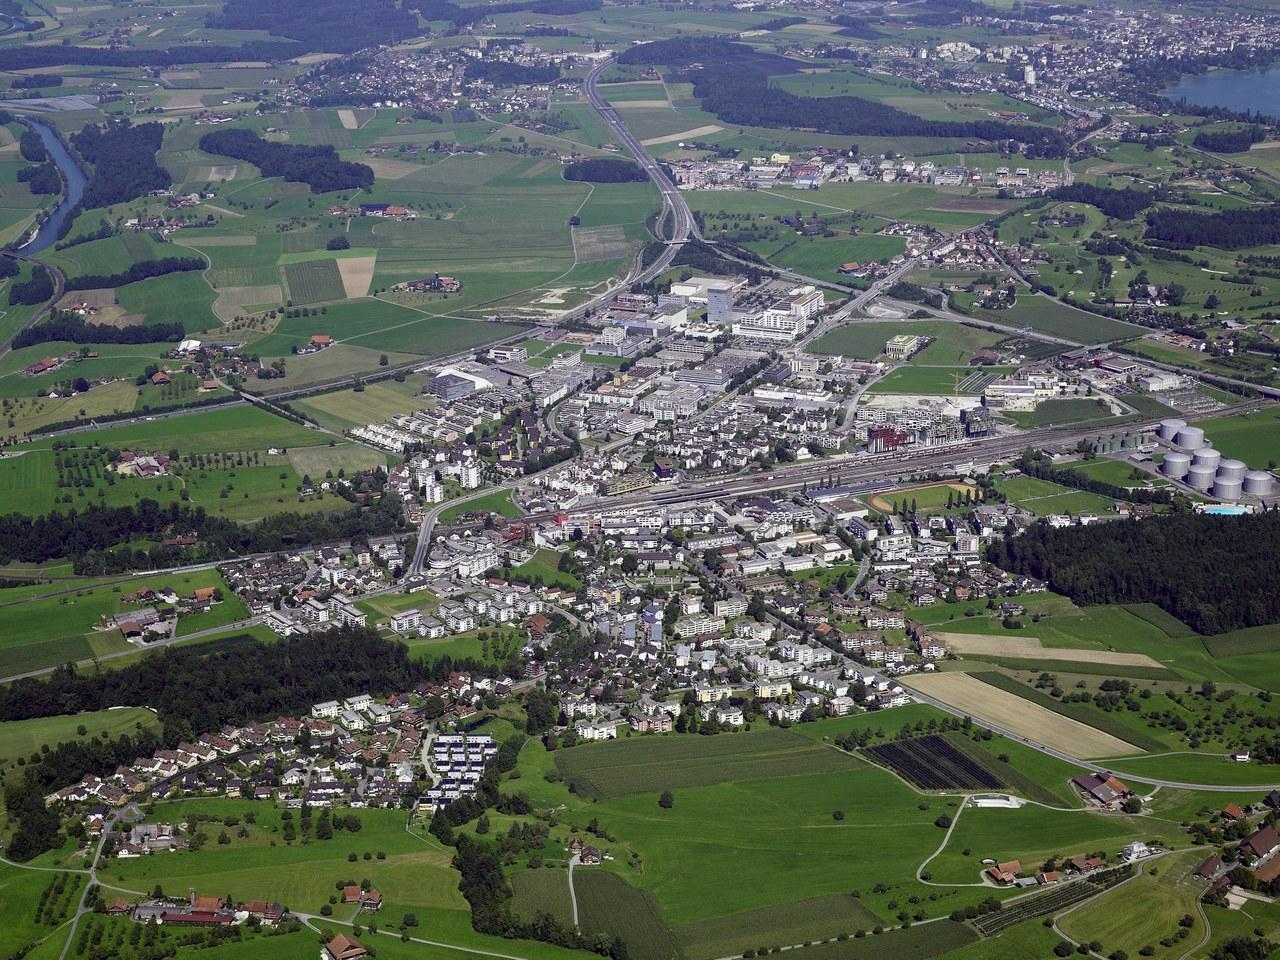 Luftbild der Gemeinde Risch